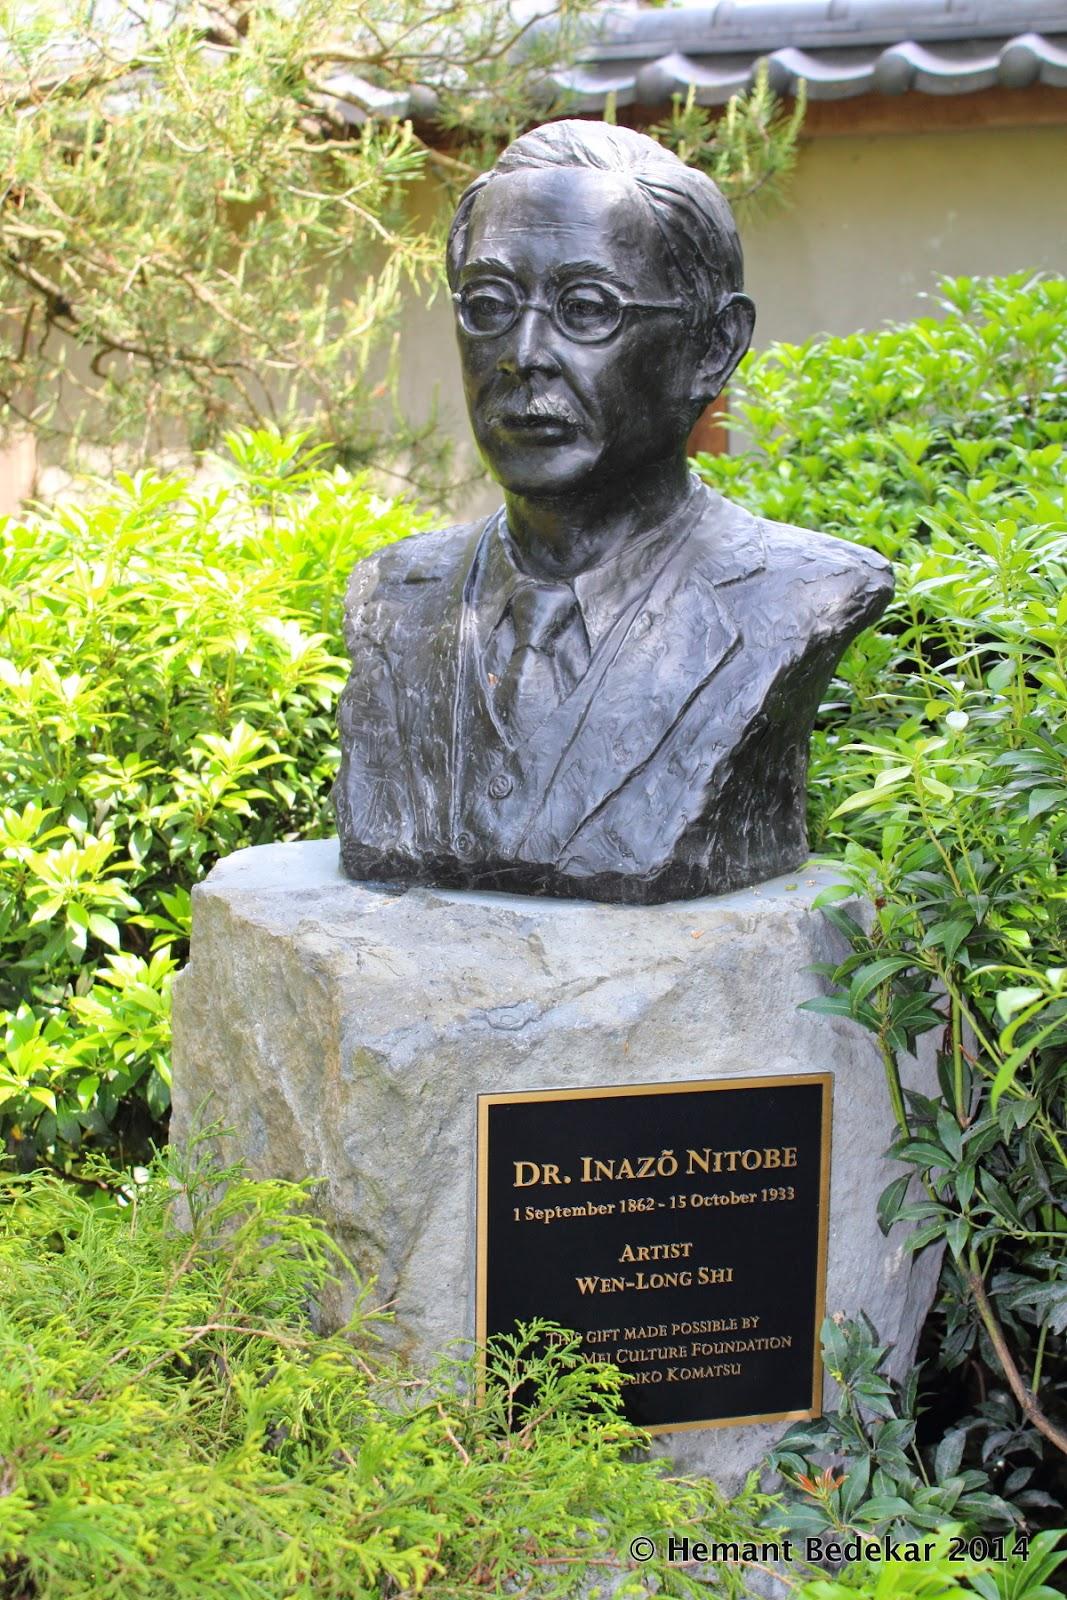 University of British Columbia - Nitobe Memorial Garden